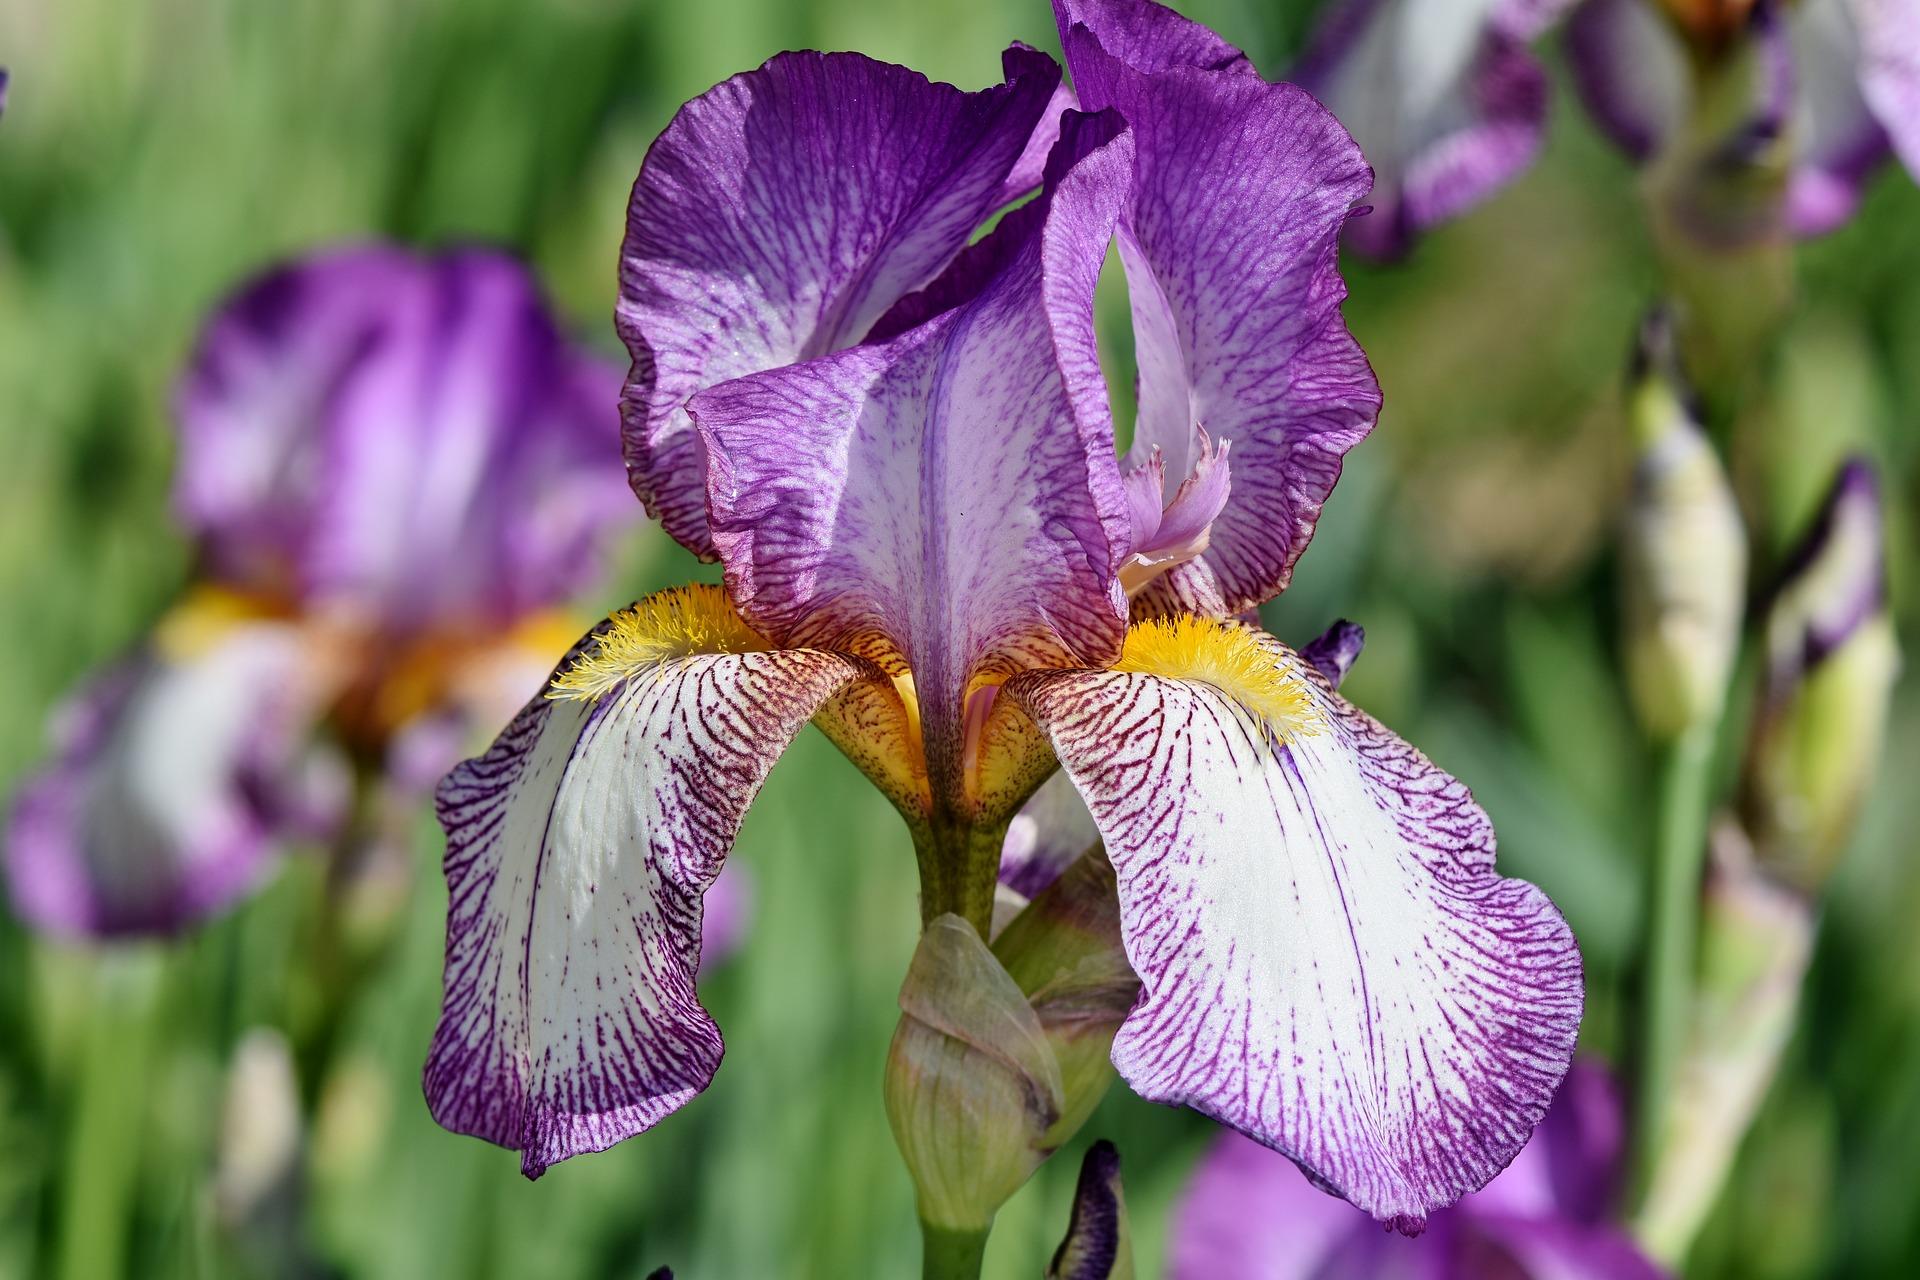 Iris spring flowers